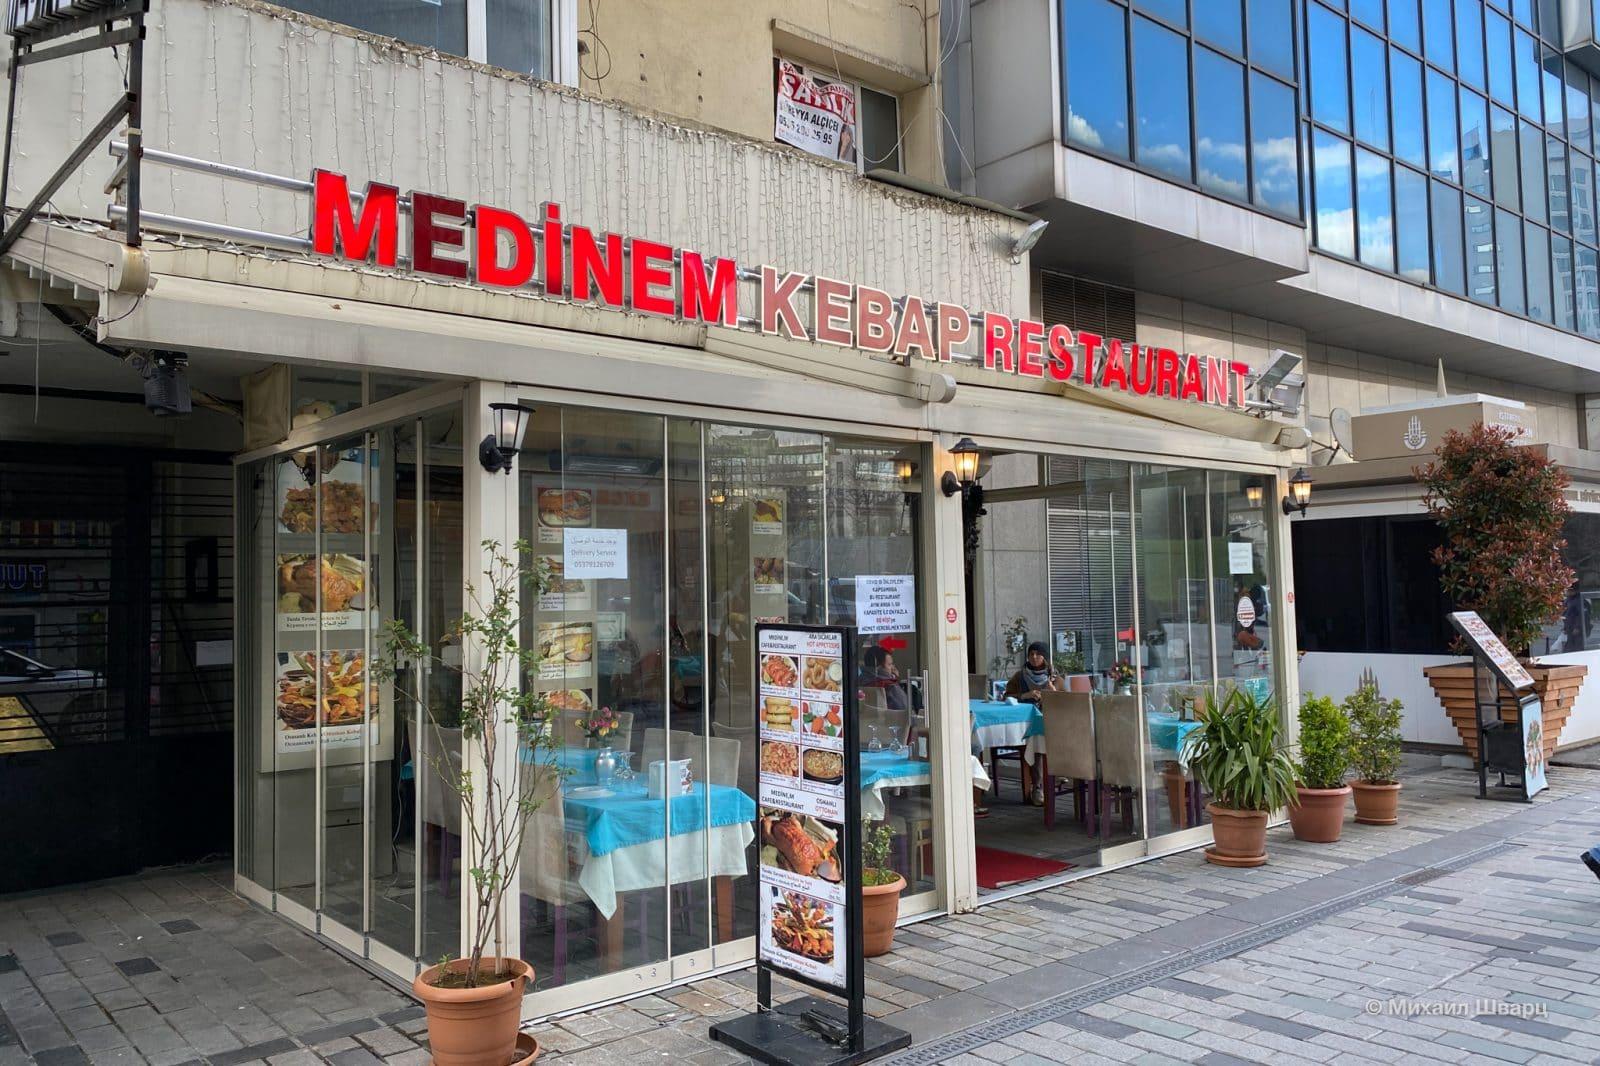 Ресторан, где мы ели Testi kebab